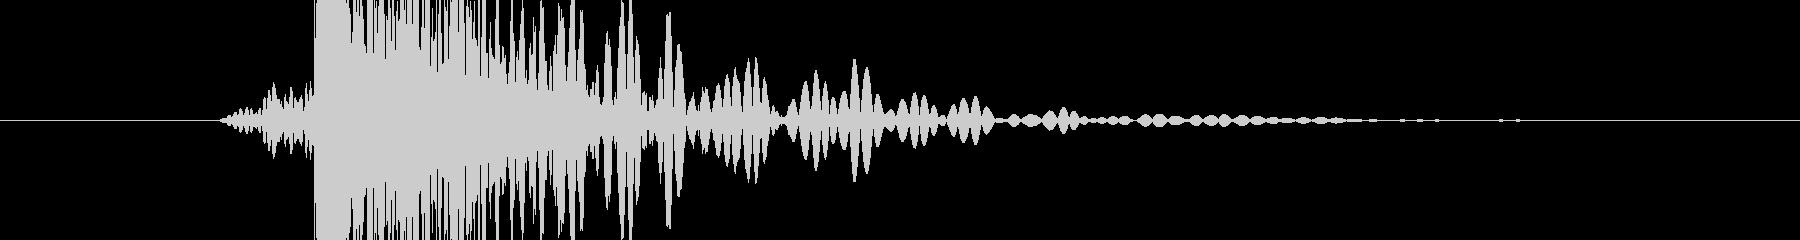 中世 ヒットシールドウッド05の未再生の波形